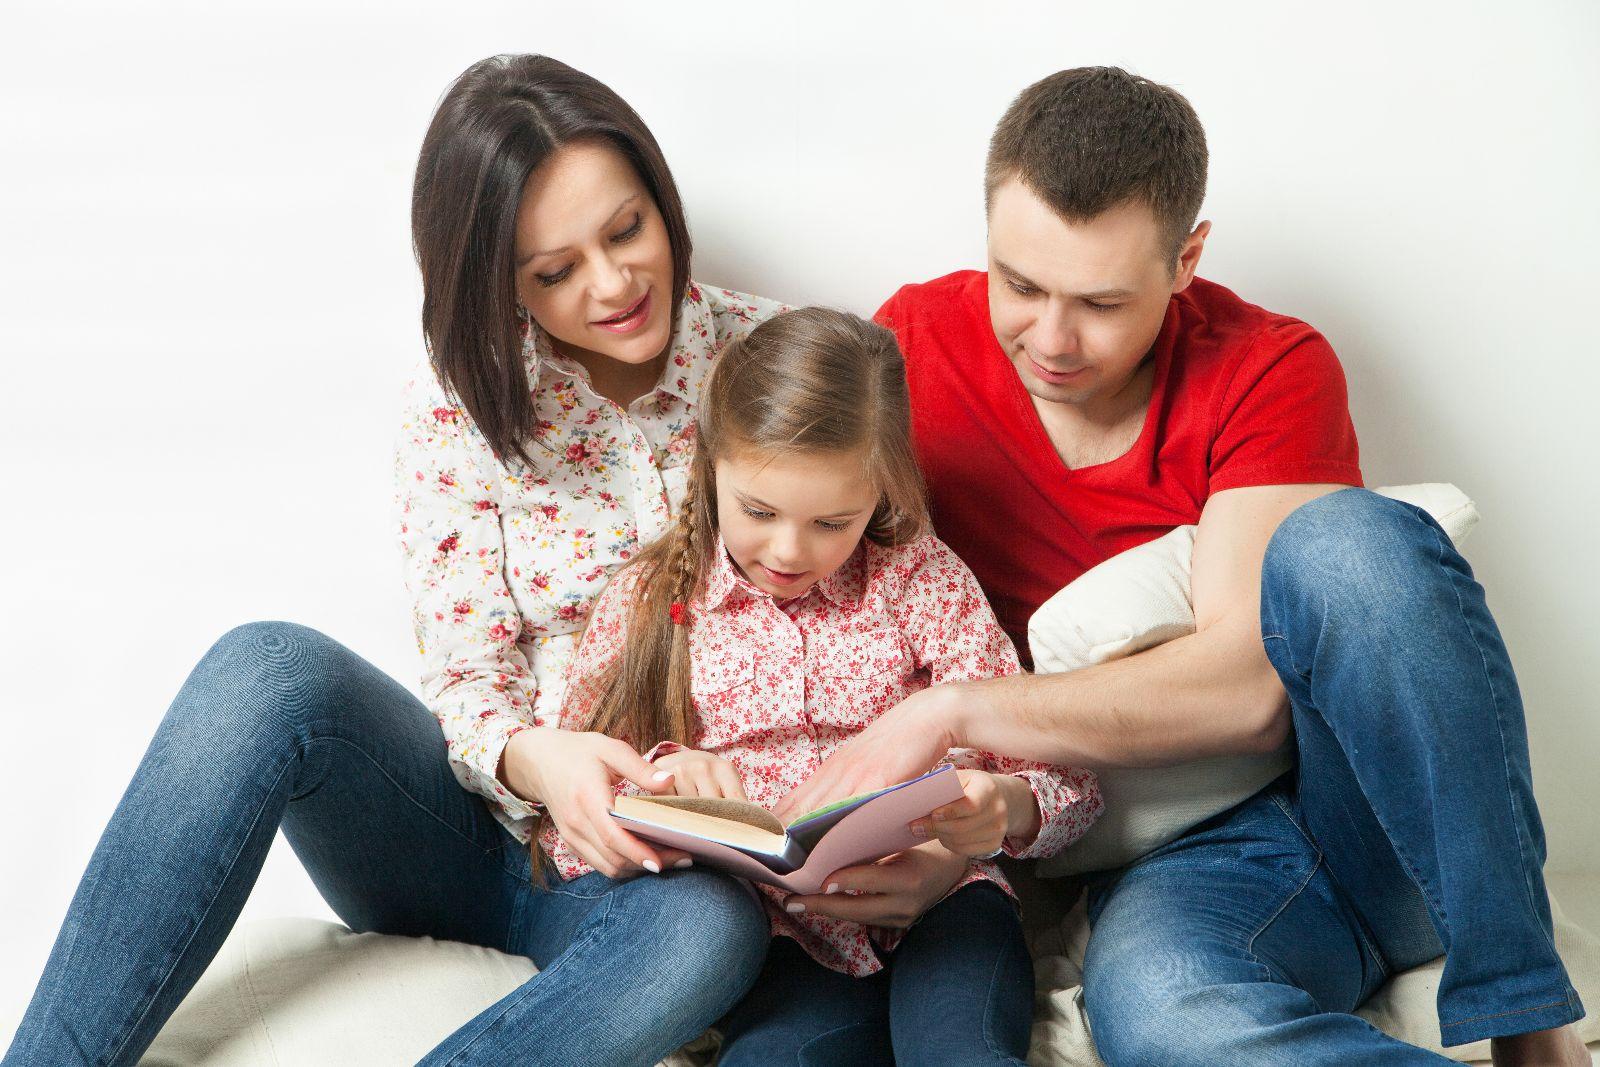 Padre y madre leyendo con una niña